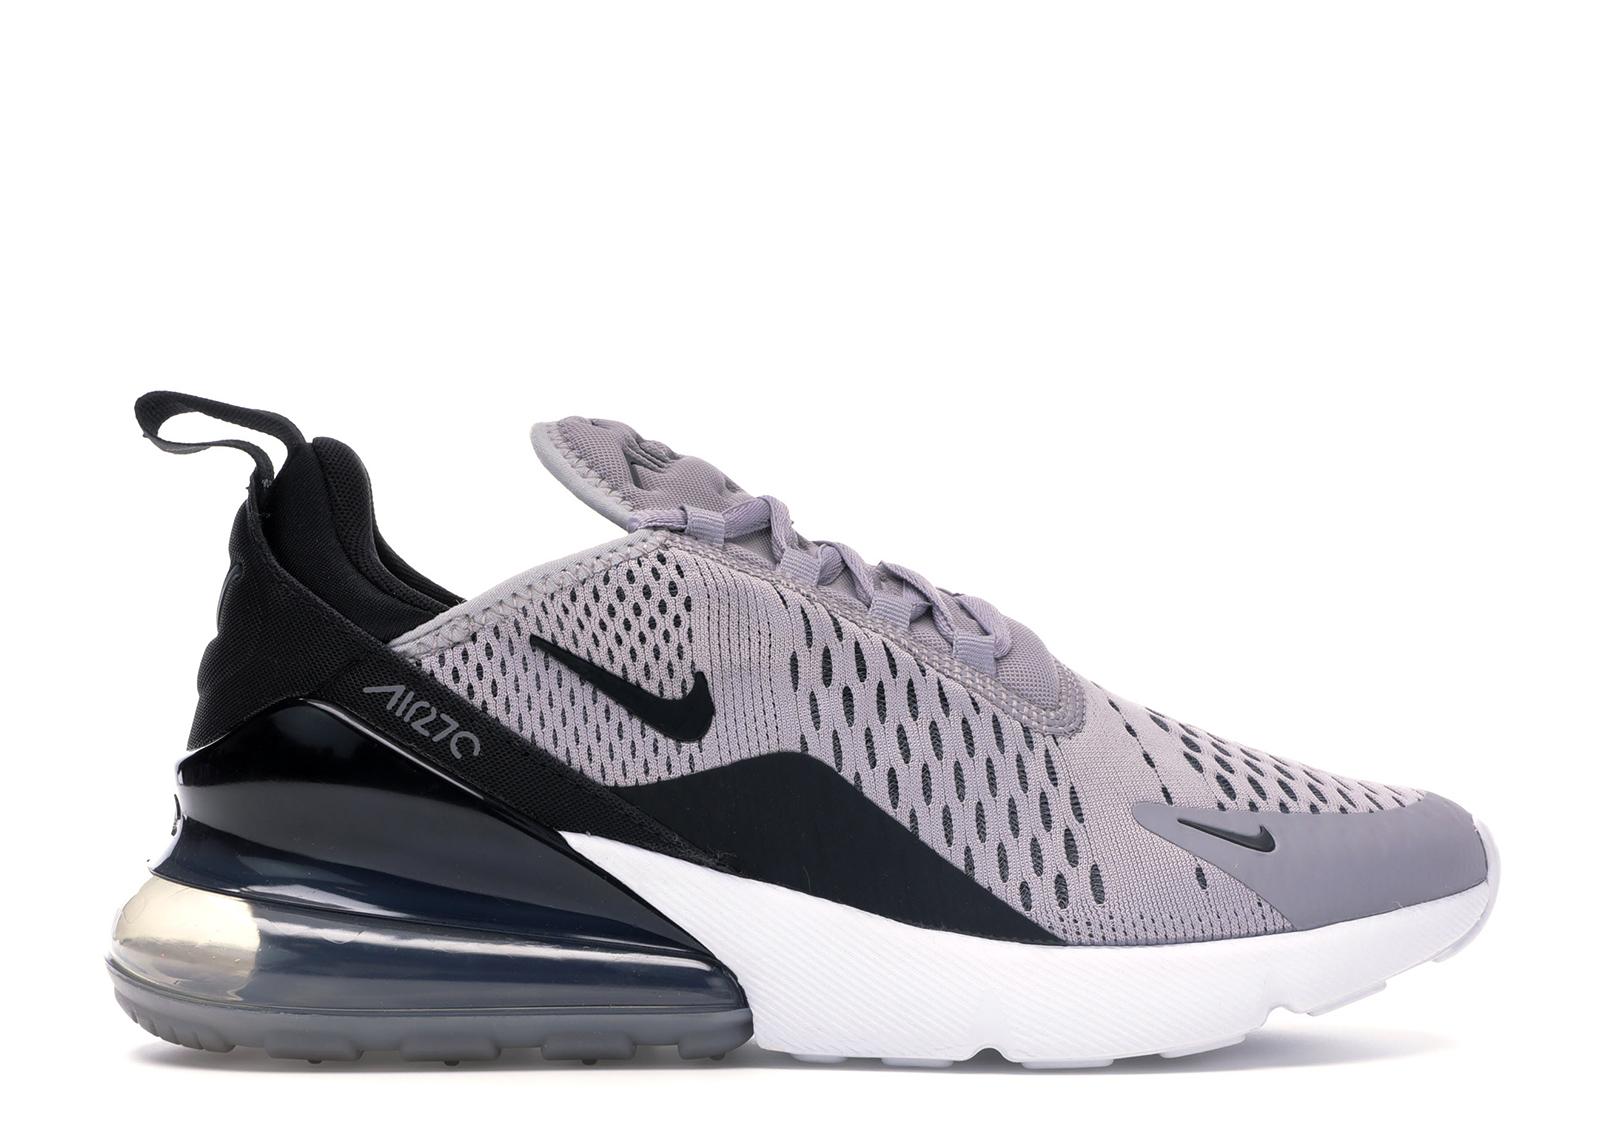 Nike Air Max 270 Atmosphere Grey (W)